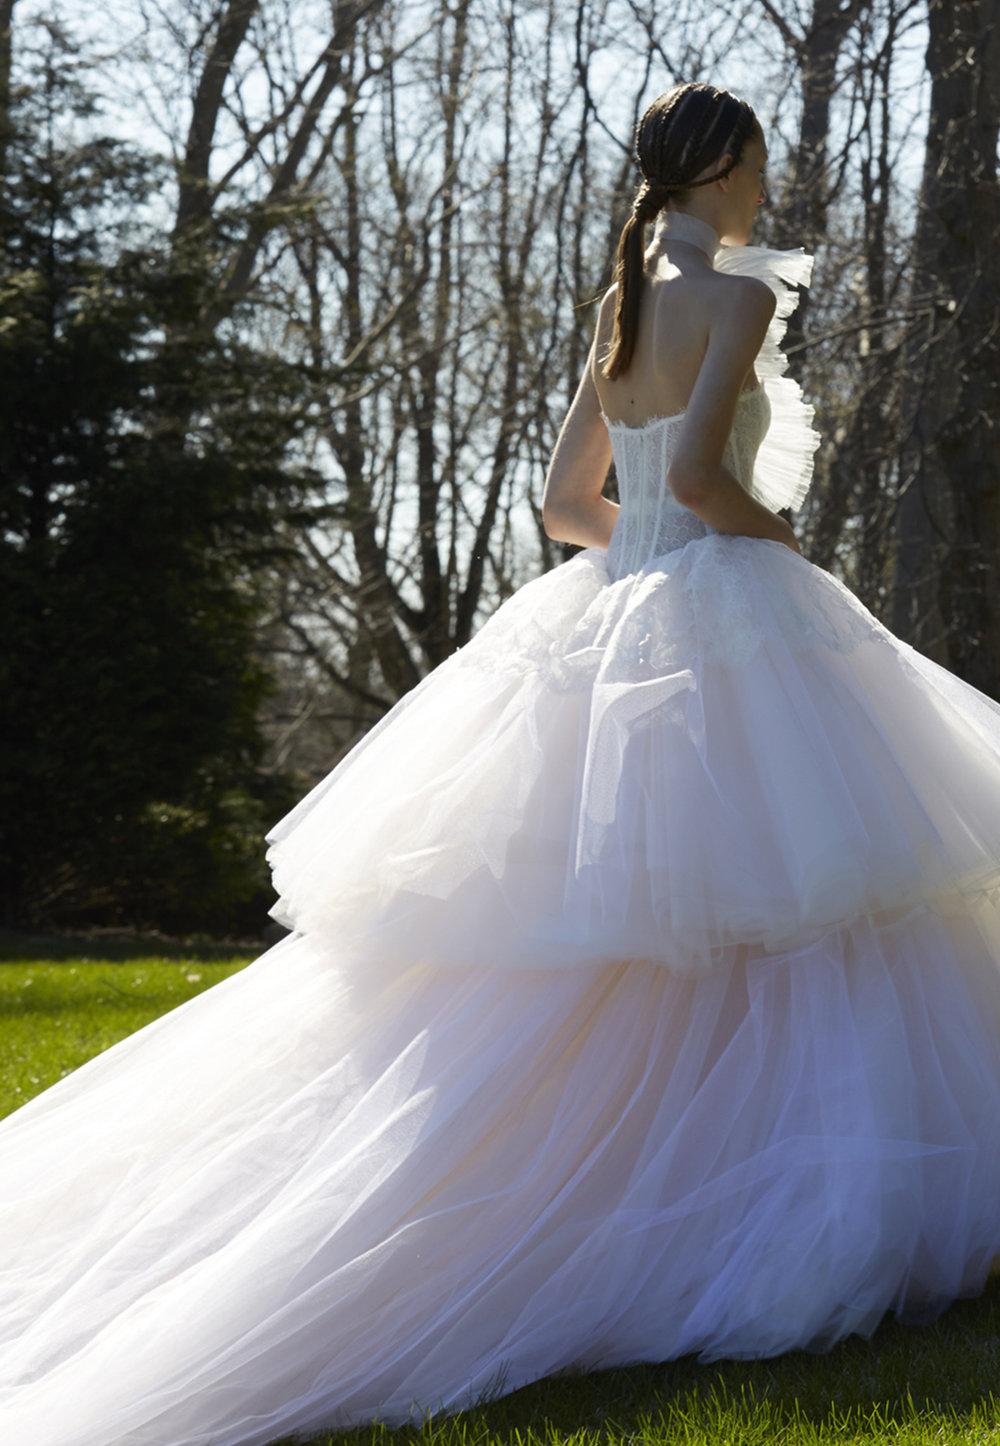 Season: Spring 2017    Gown name: Sigourney 露肩領口公主大裙剪裁婚紗    Description: 露肩領口公主大裙剪裁婚紗禮服,婚紗透出清新的芭蕾舞者氣息。上身緊裹 的束身衣呈現新娘身形曲線,澎湃的波浪蕾絲自然散逸出層次萬褶紗裙,讓新娘的一步一 履彷彿跟隨音樂般踏著輕快舞步。可訂製長長拖尾。